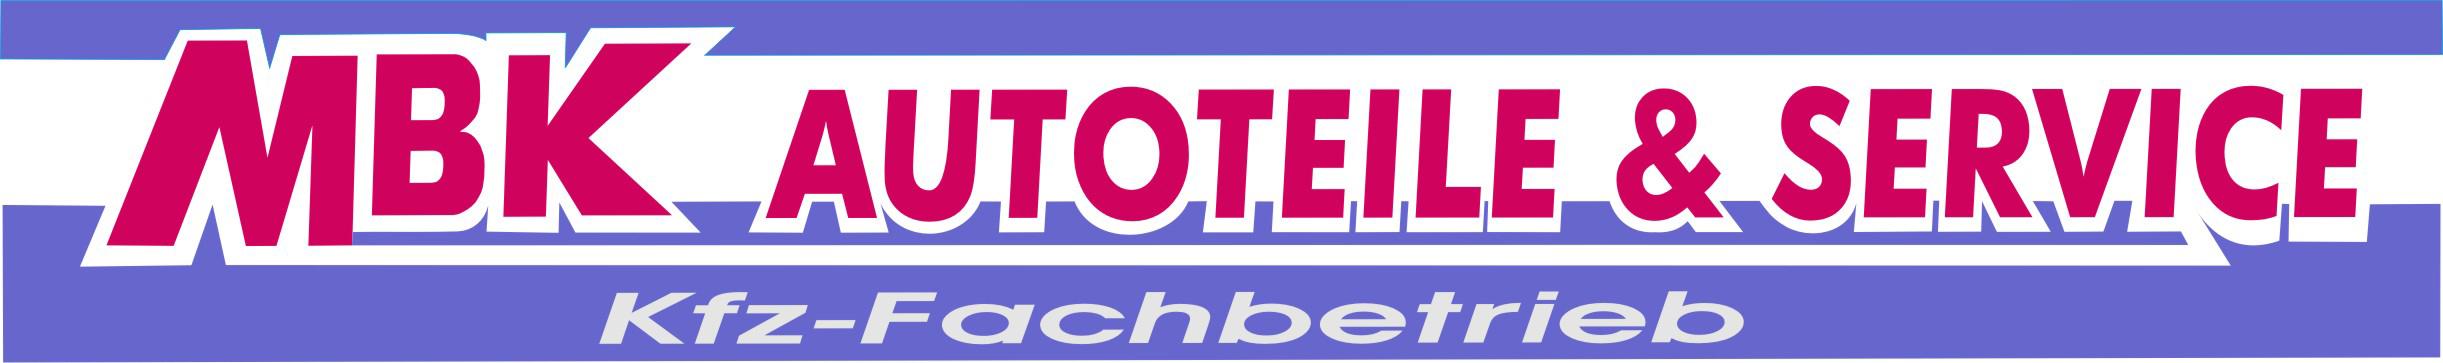 MBK AUTOTEILE & SERVICE logo